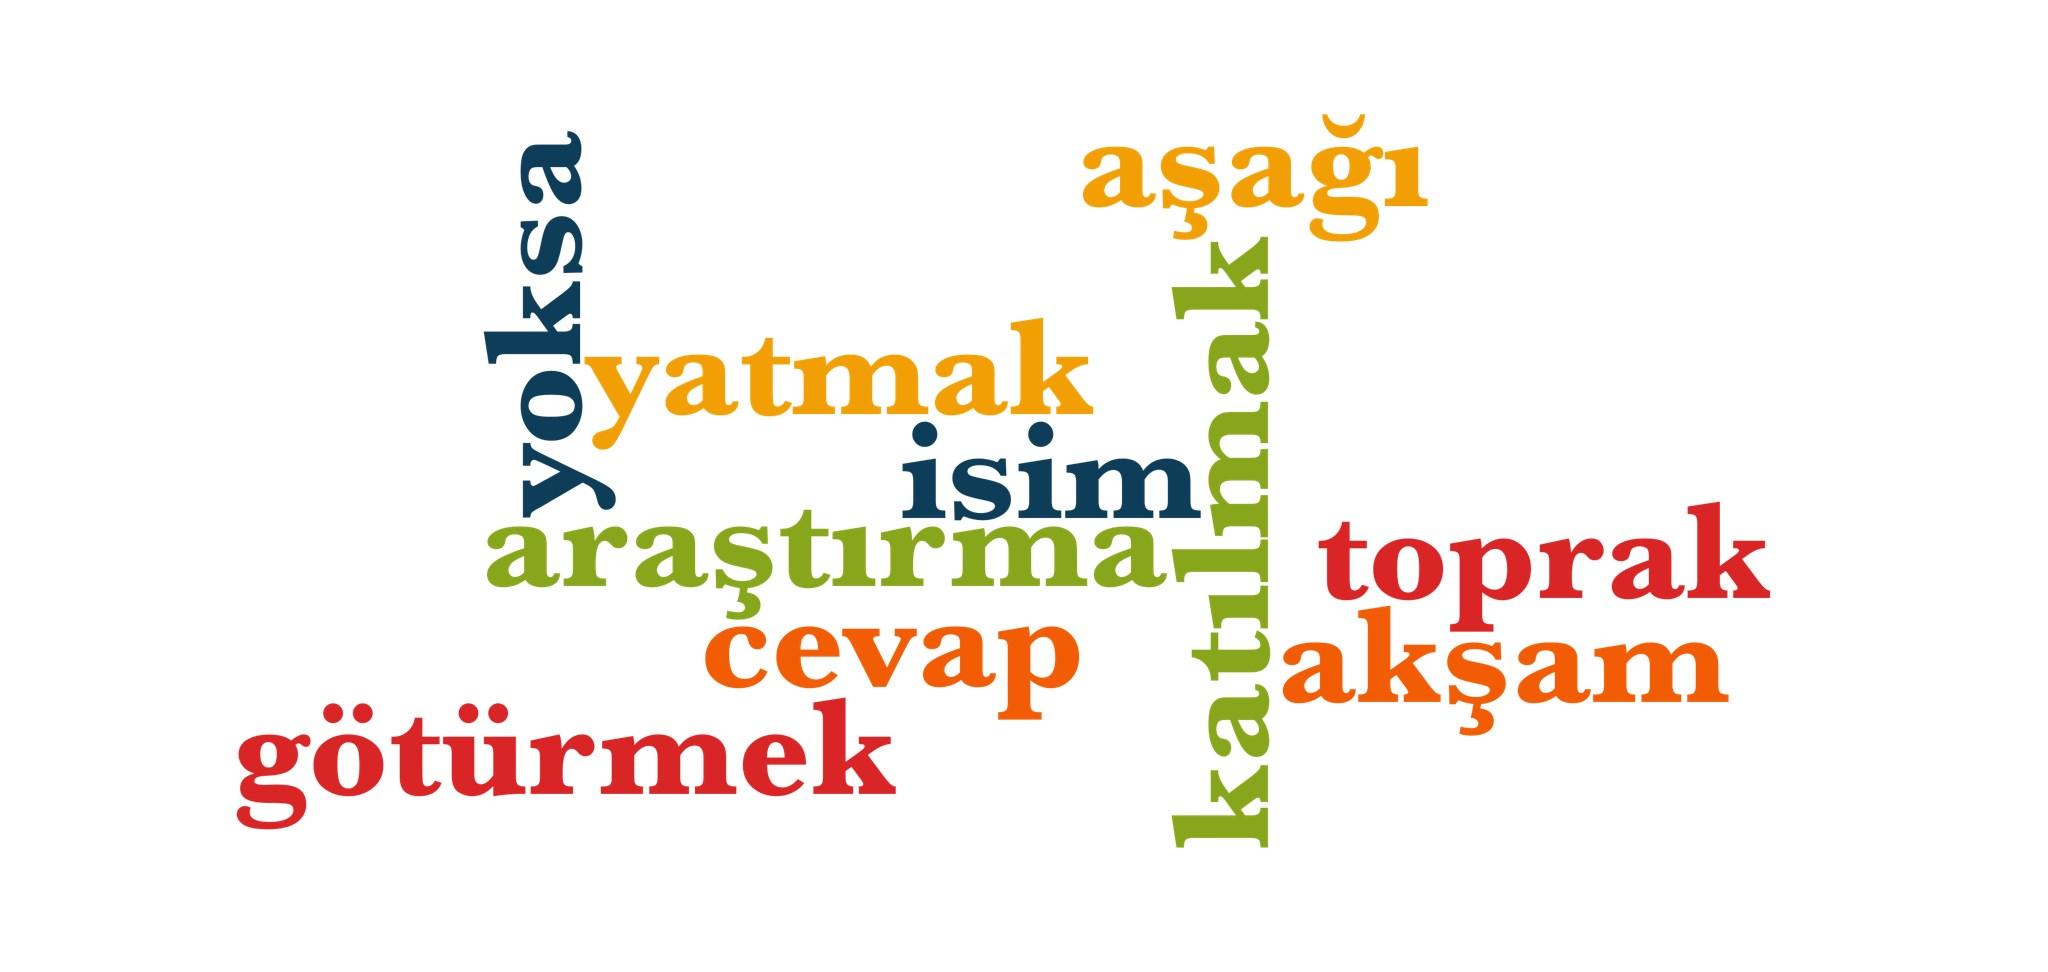 Wörter 401 bis 410 der 1000 häufigsten Wörter der türkischen Sprache